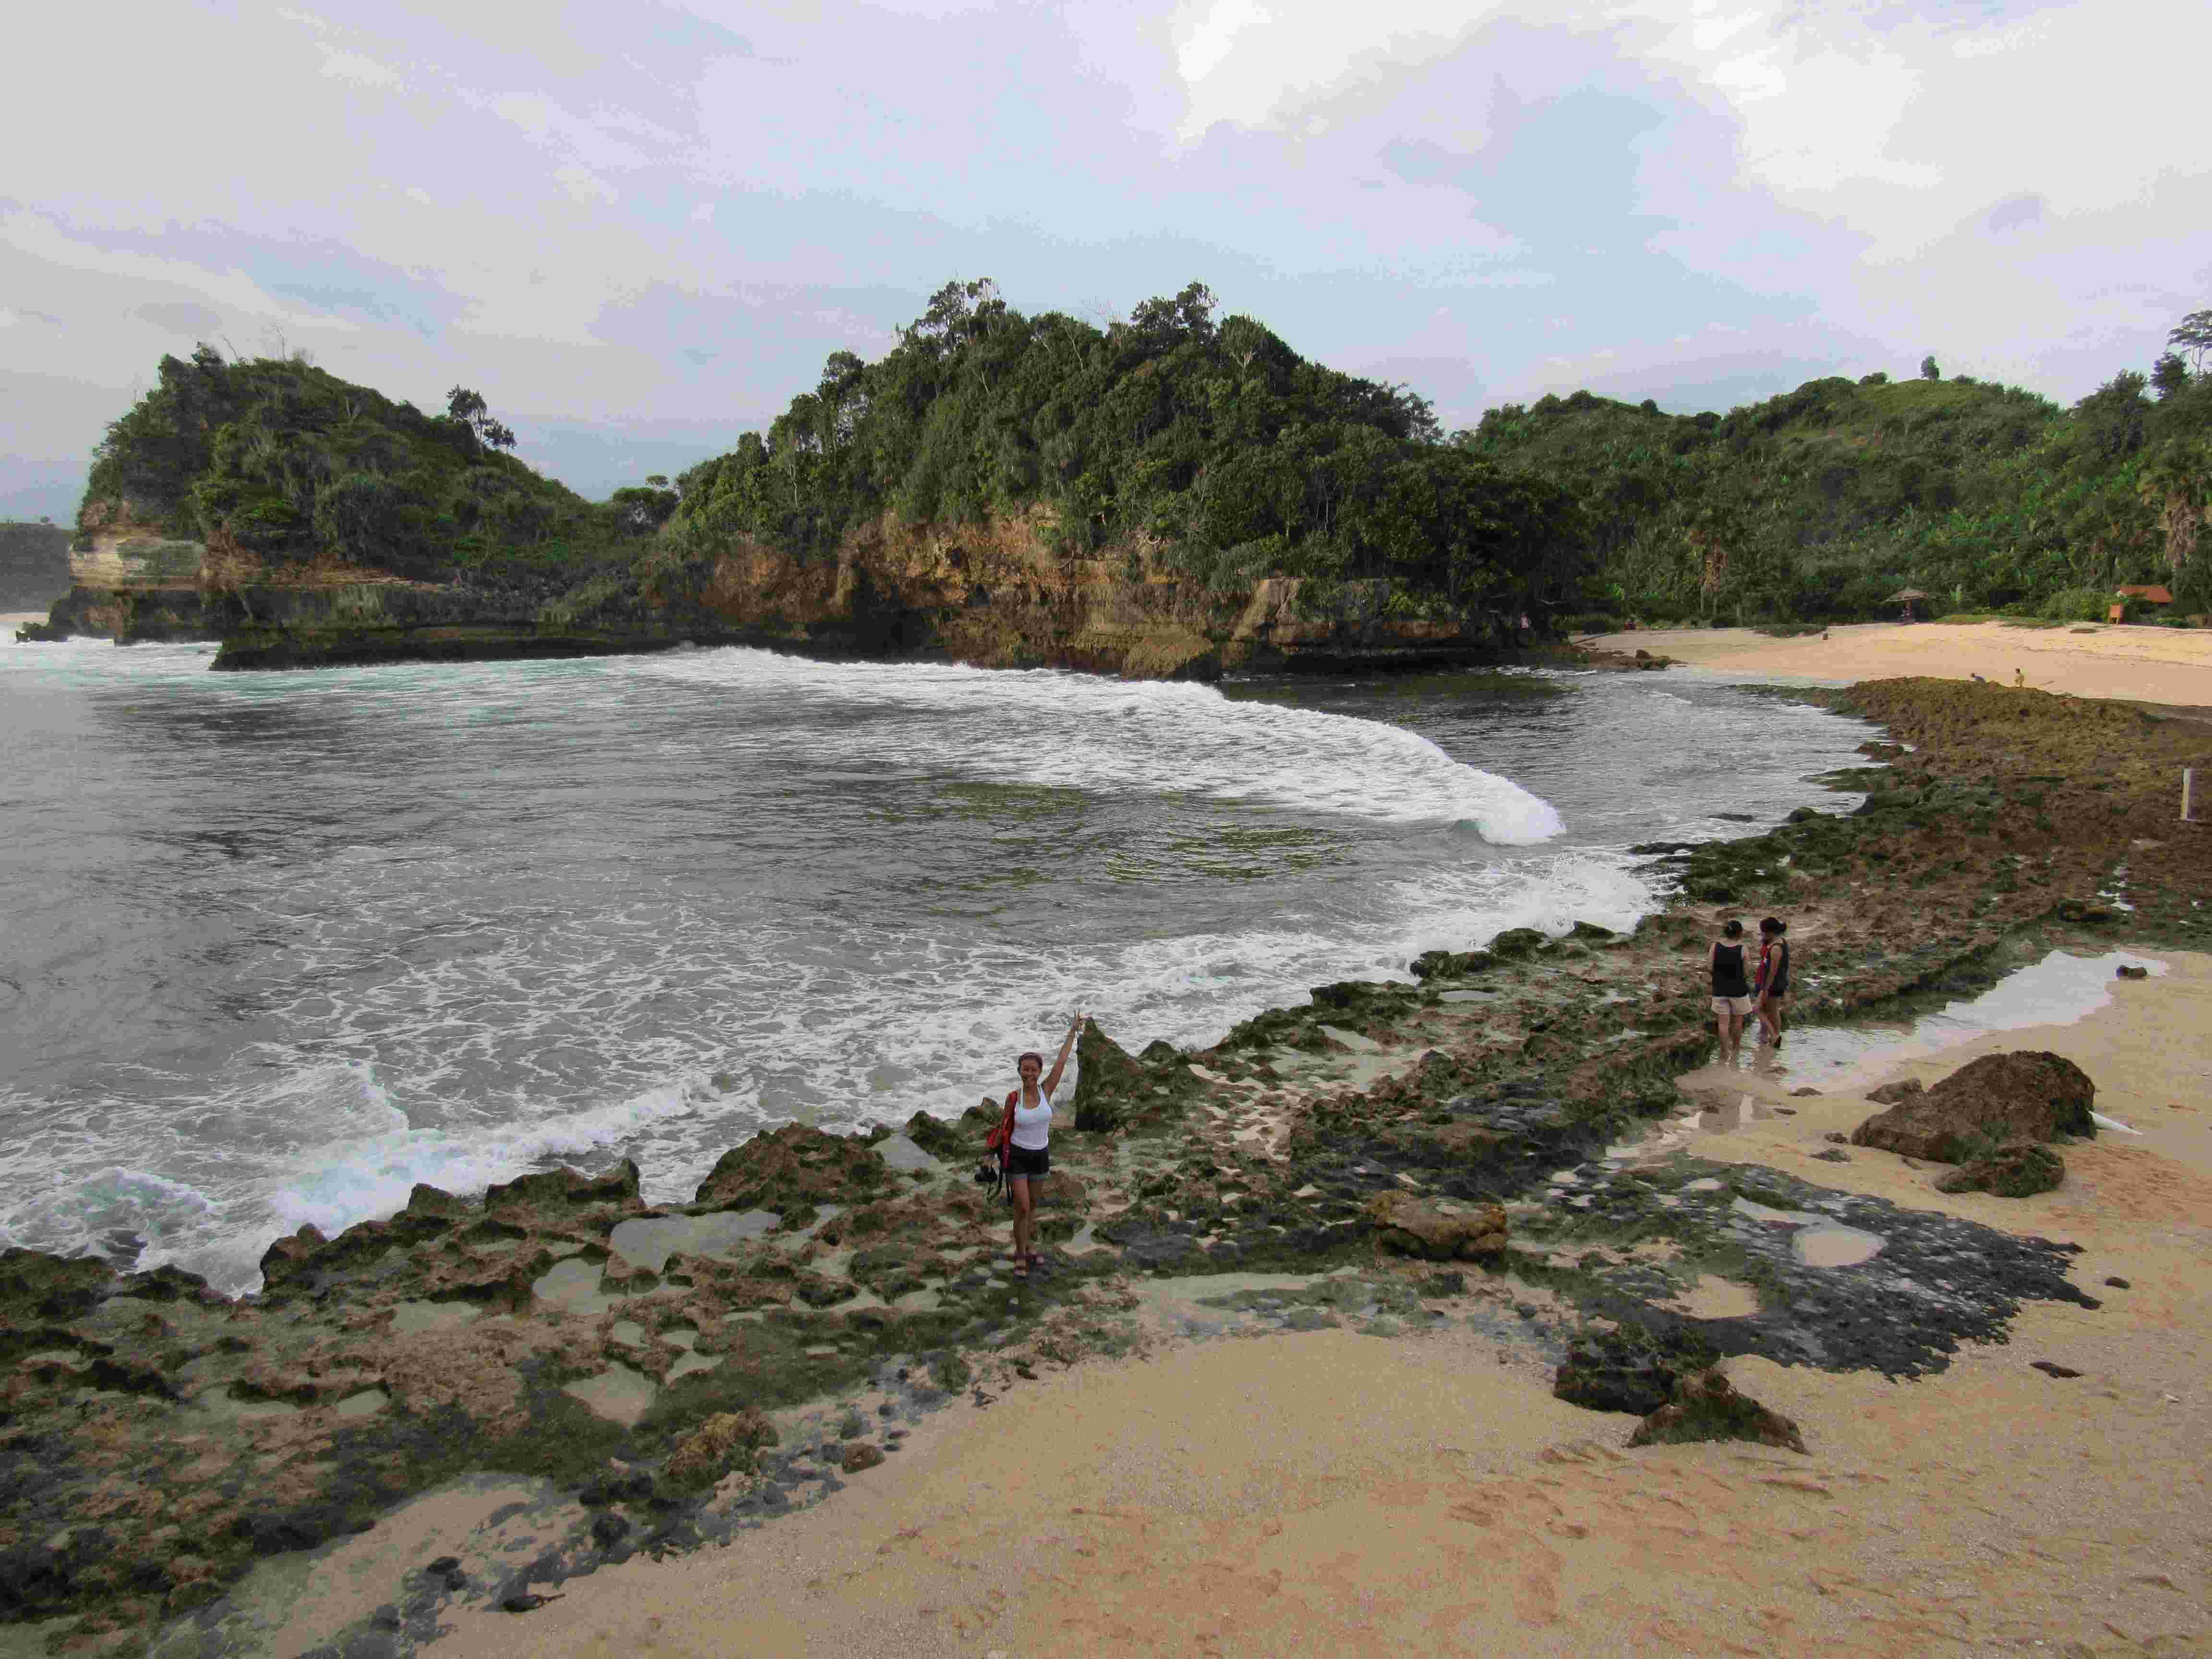 Wisata Pantai Batu Bengkung Malang Eksotis Selatan 1 Bekung Kab